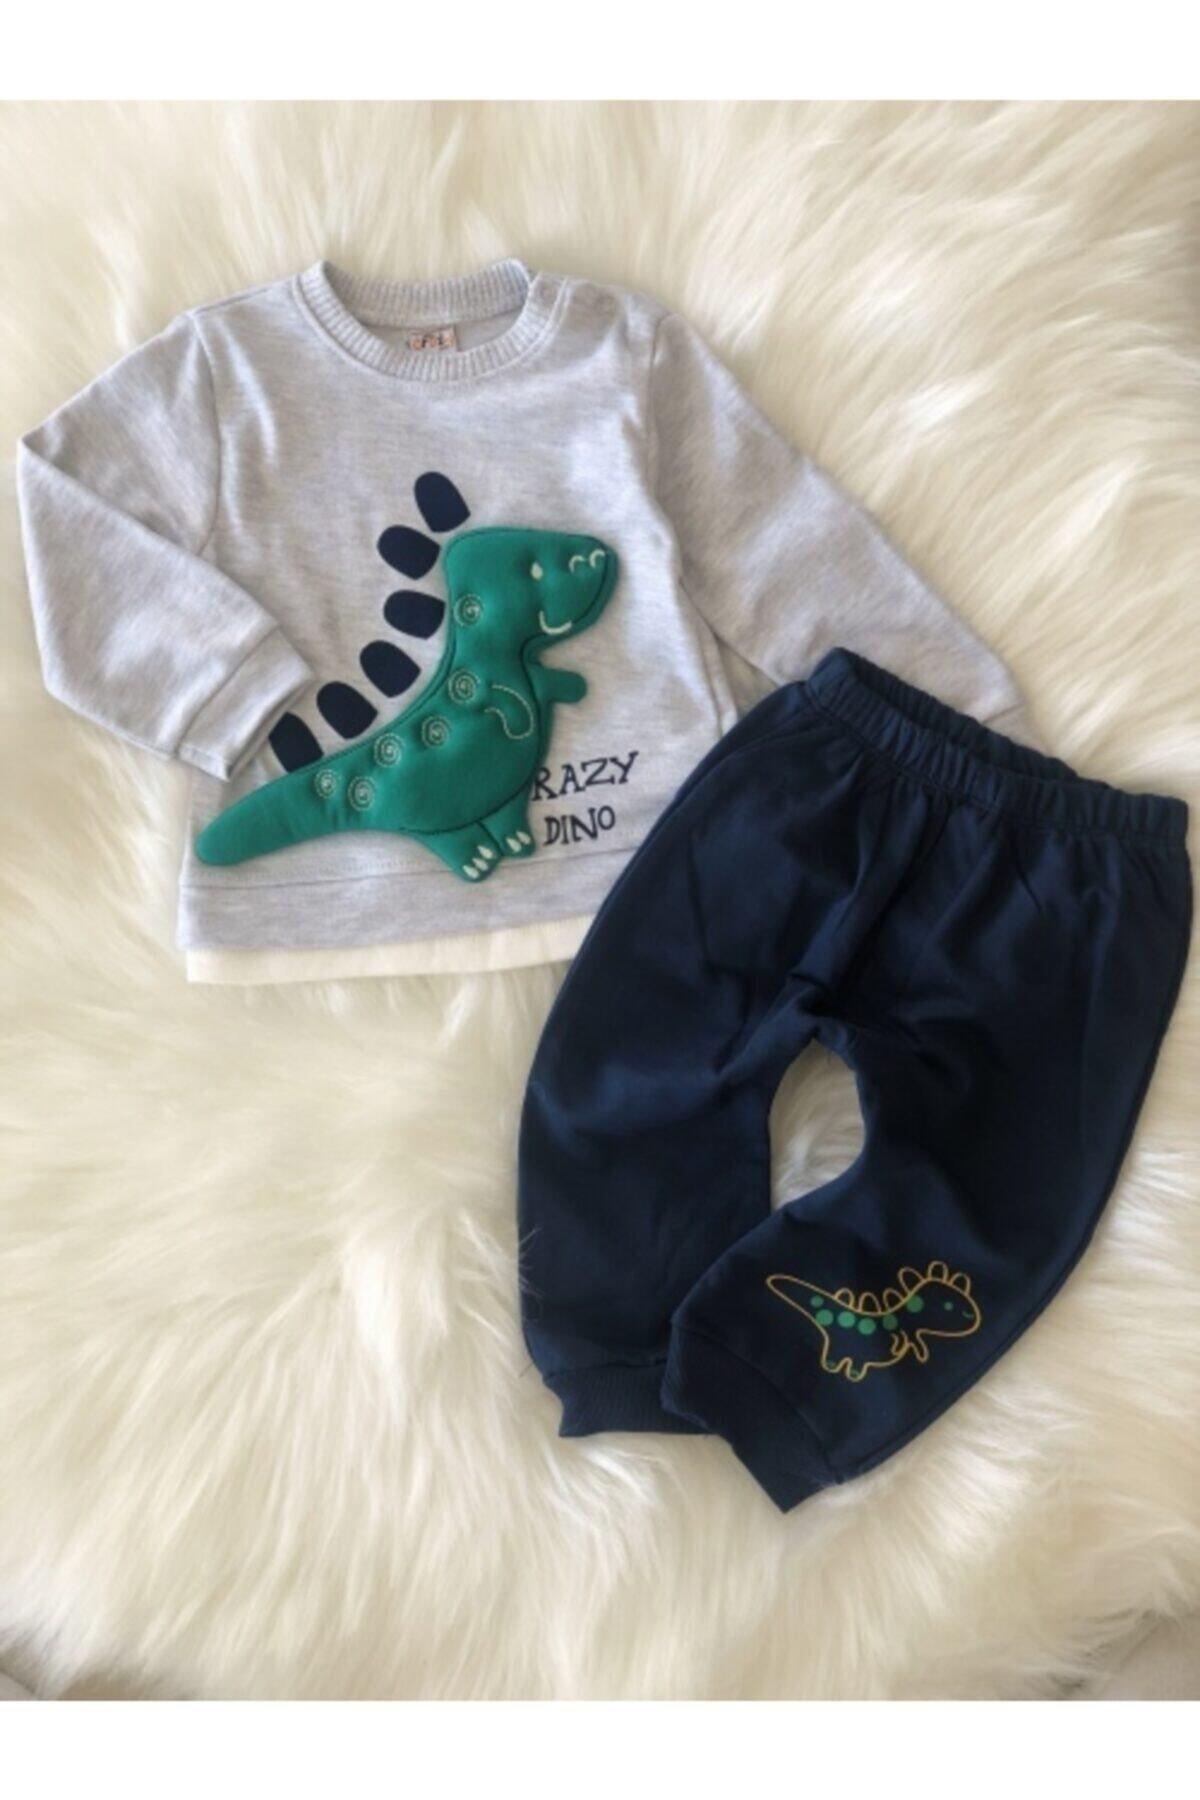 Crazy Baby Erkek Çocuk 9-12-18 Ay Dino Oyuncaklı Takım 2